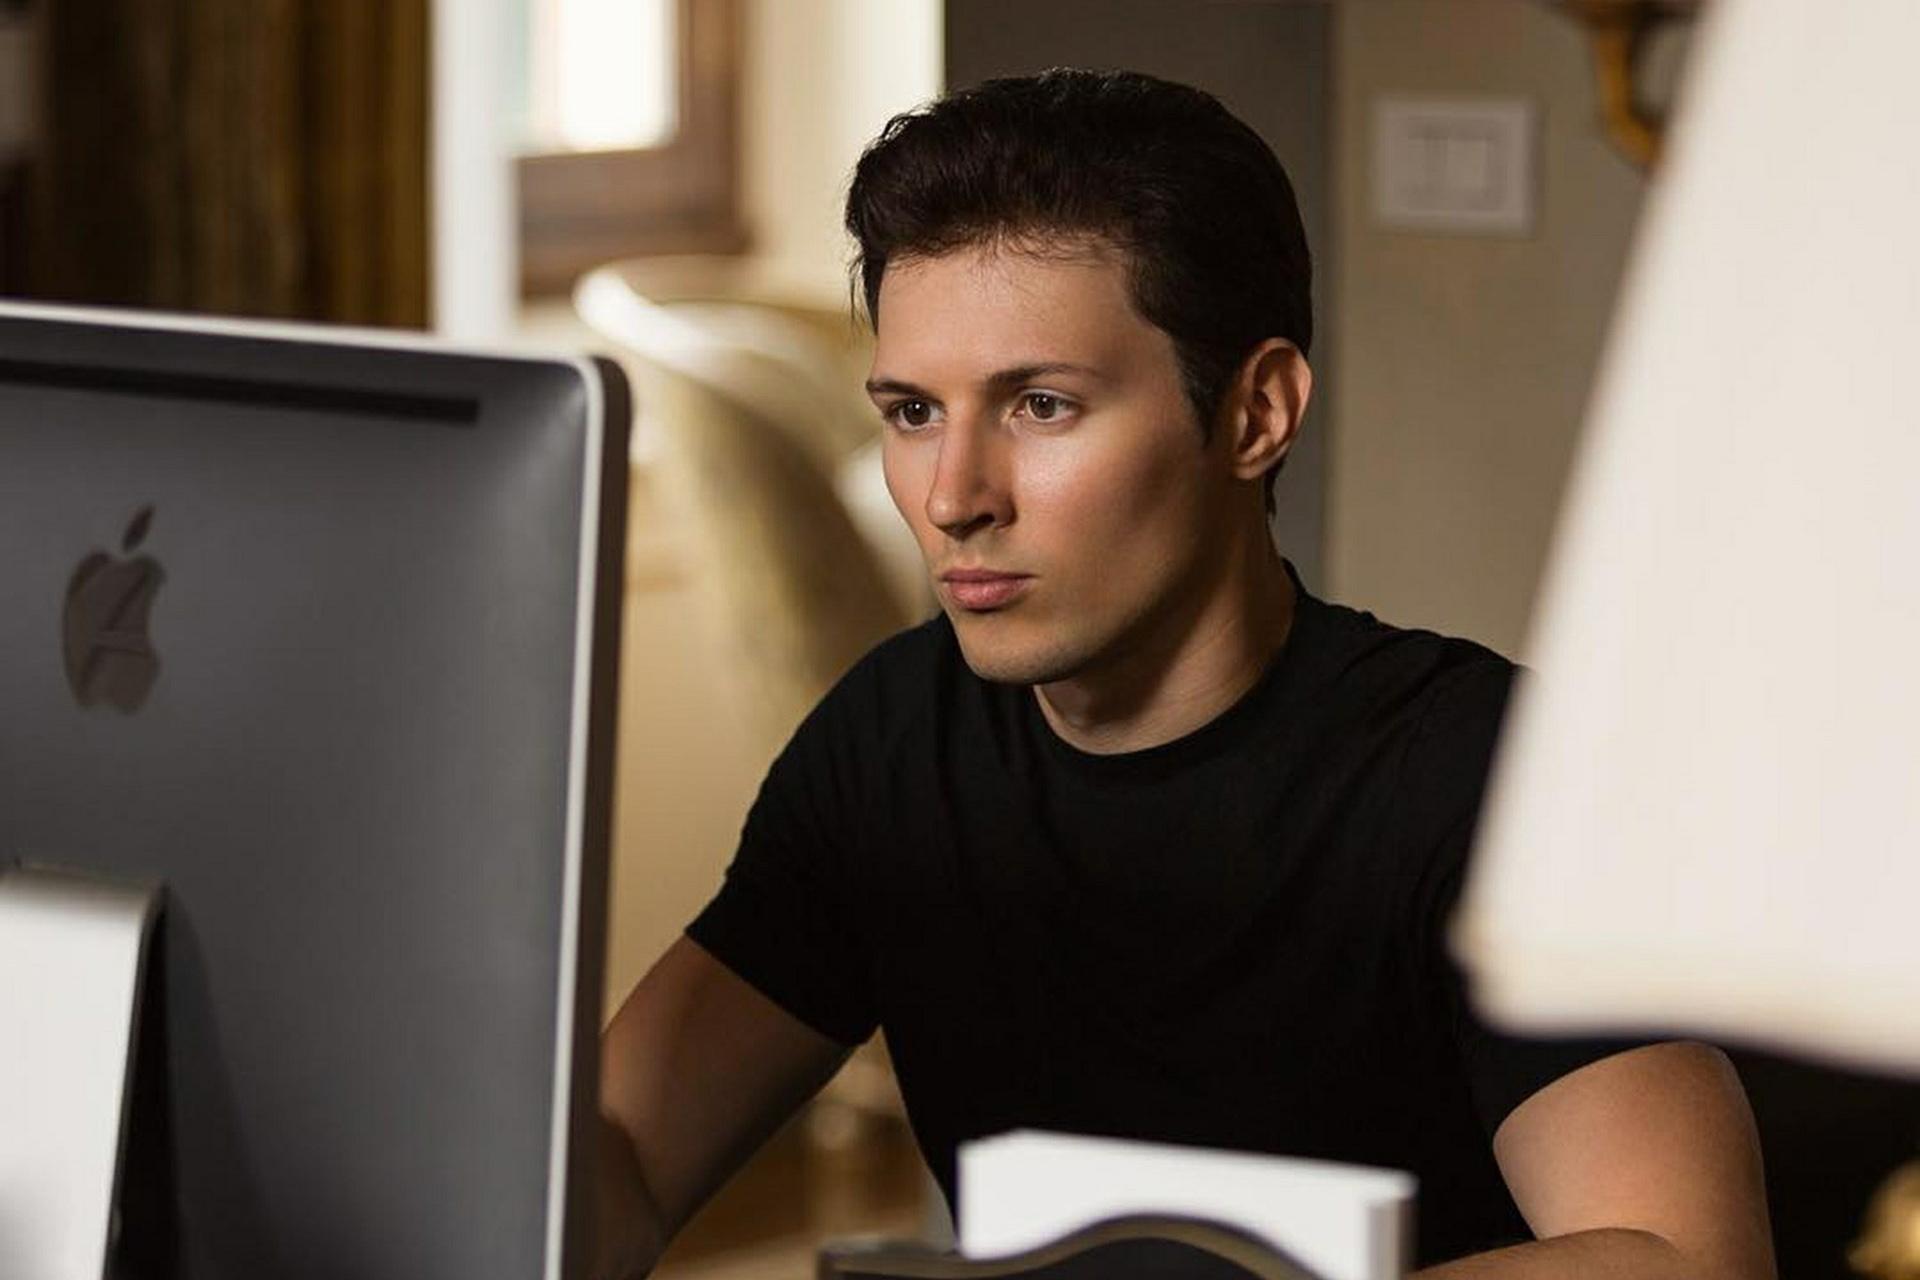 Павел Дуров начнет монетизировать Telegram в следующем году